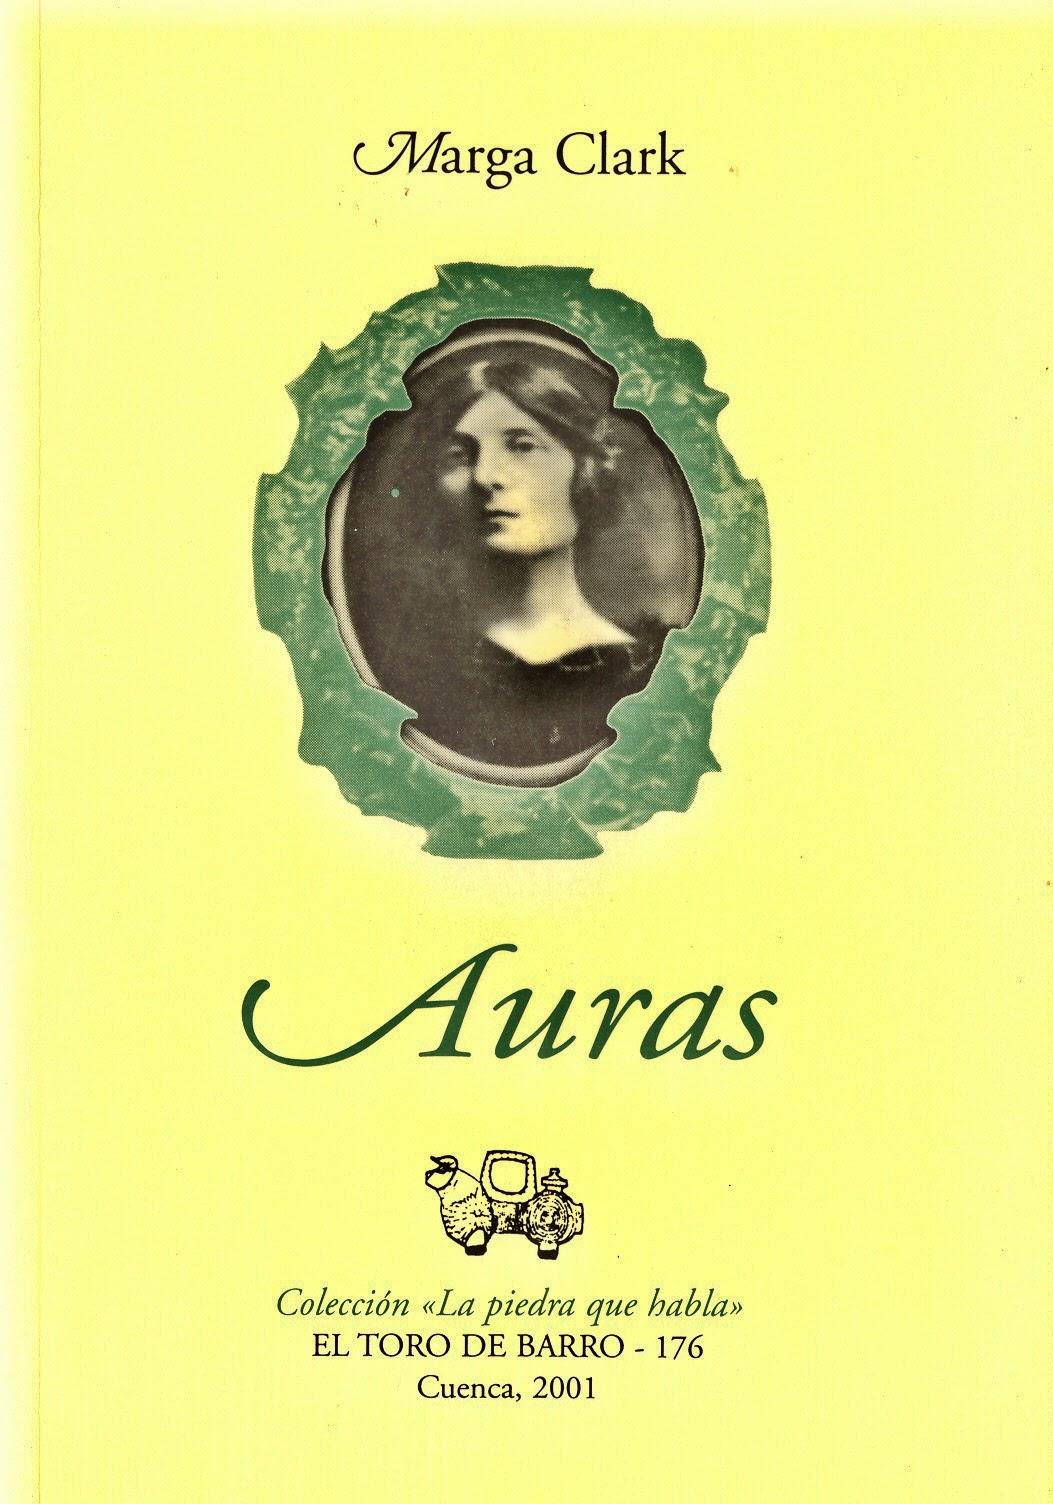 """Marga Clark, """"Auras"""", Ed. El toro de barro, Carlos Morales Ed. Tarancón de Cuenca 2001"""